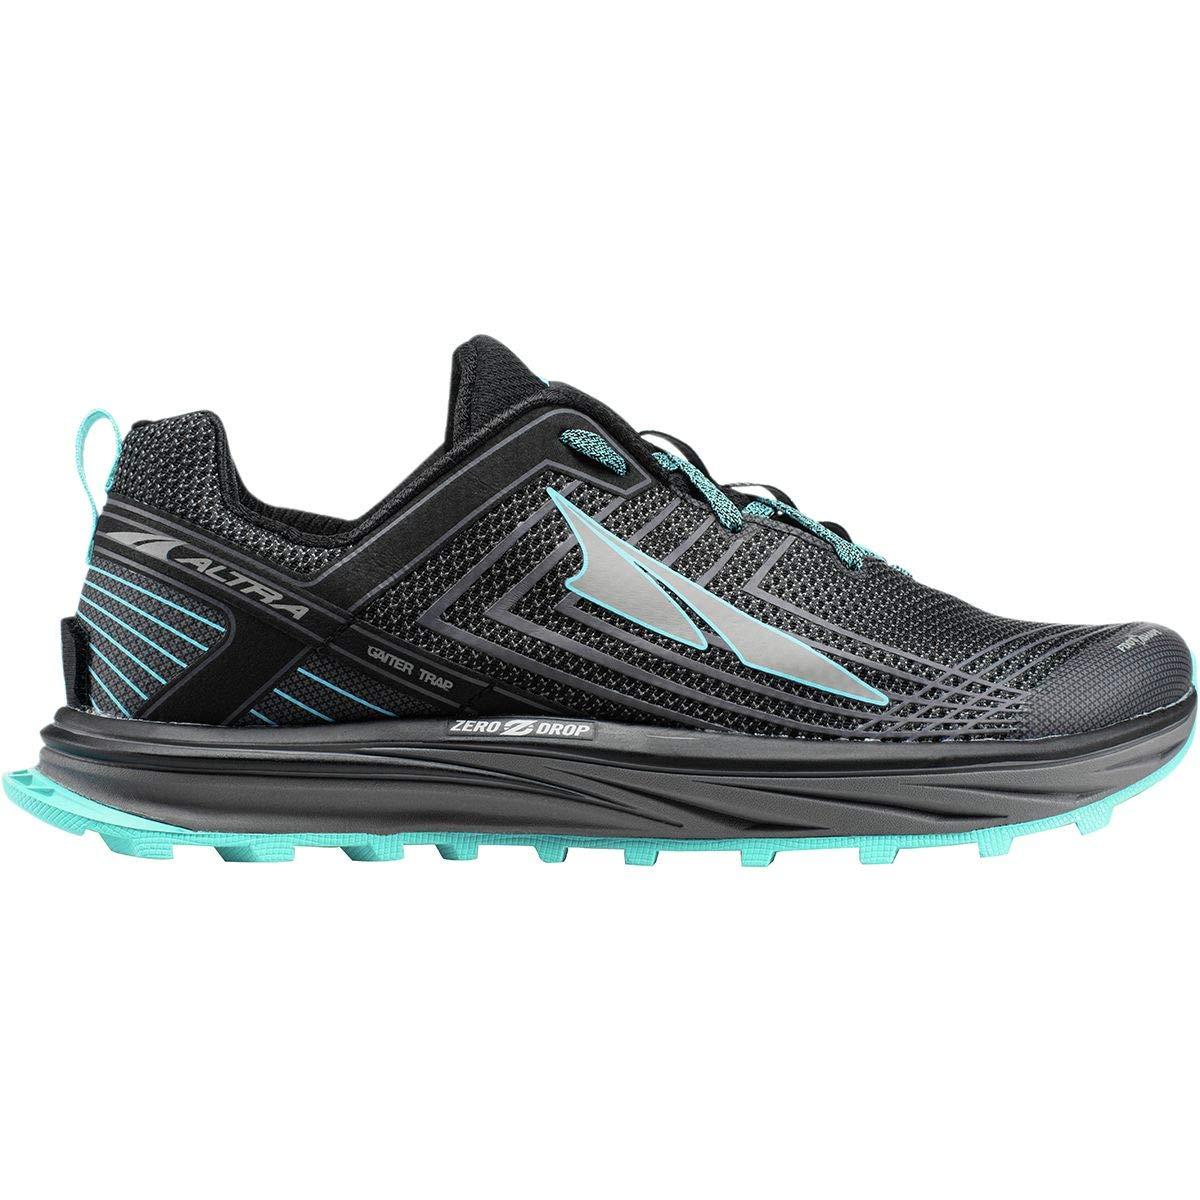 円高還元 [オルトラ] メンズ メンズ ランニング Timp [オルトラ] 1.5 Trail Running Shoe Running [並行輸入品] B07MT9CDP7 10, ハクバムラ:b6f3d071 --- kiddyfox.in